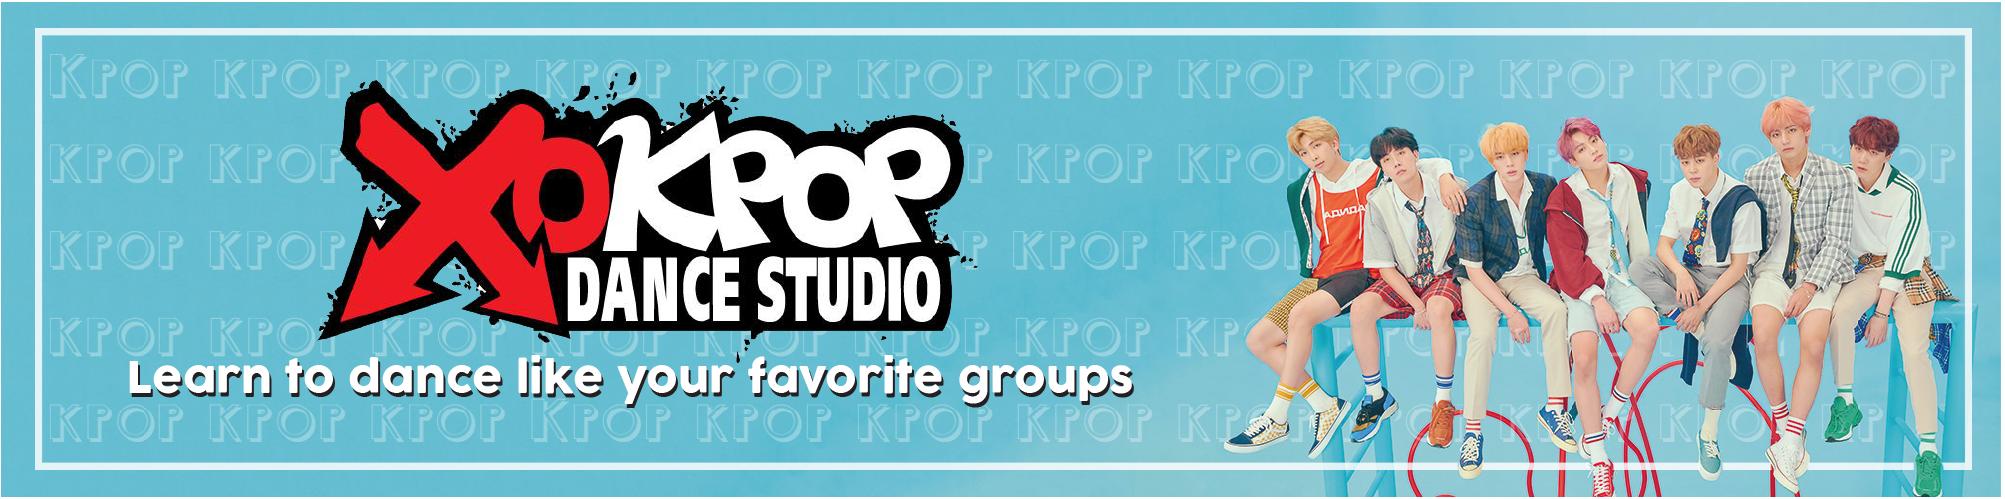 Kpop Dance Classes in Sydney | Crossover Dance Studio